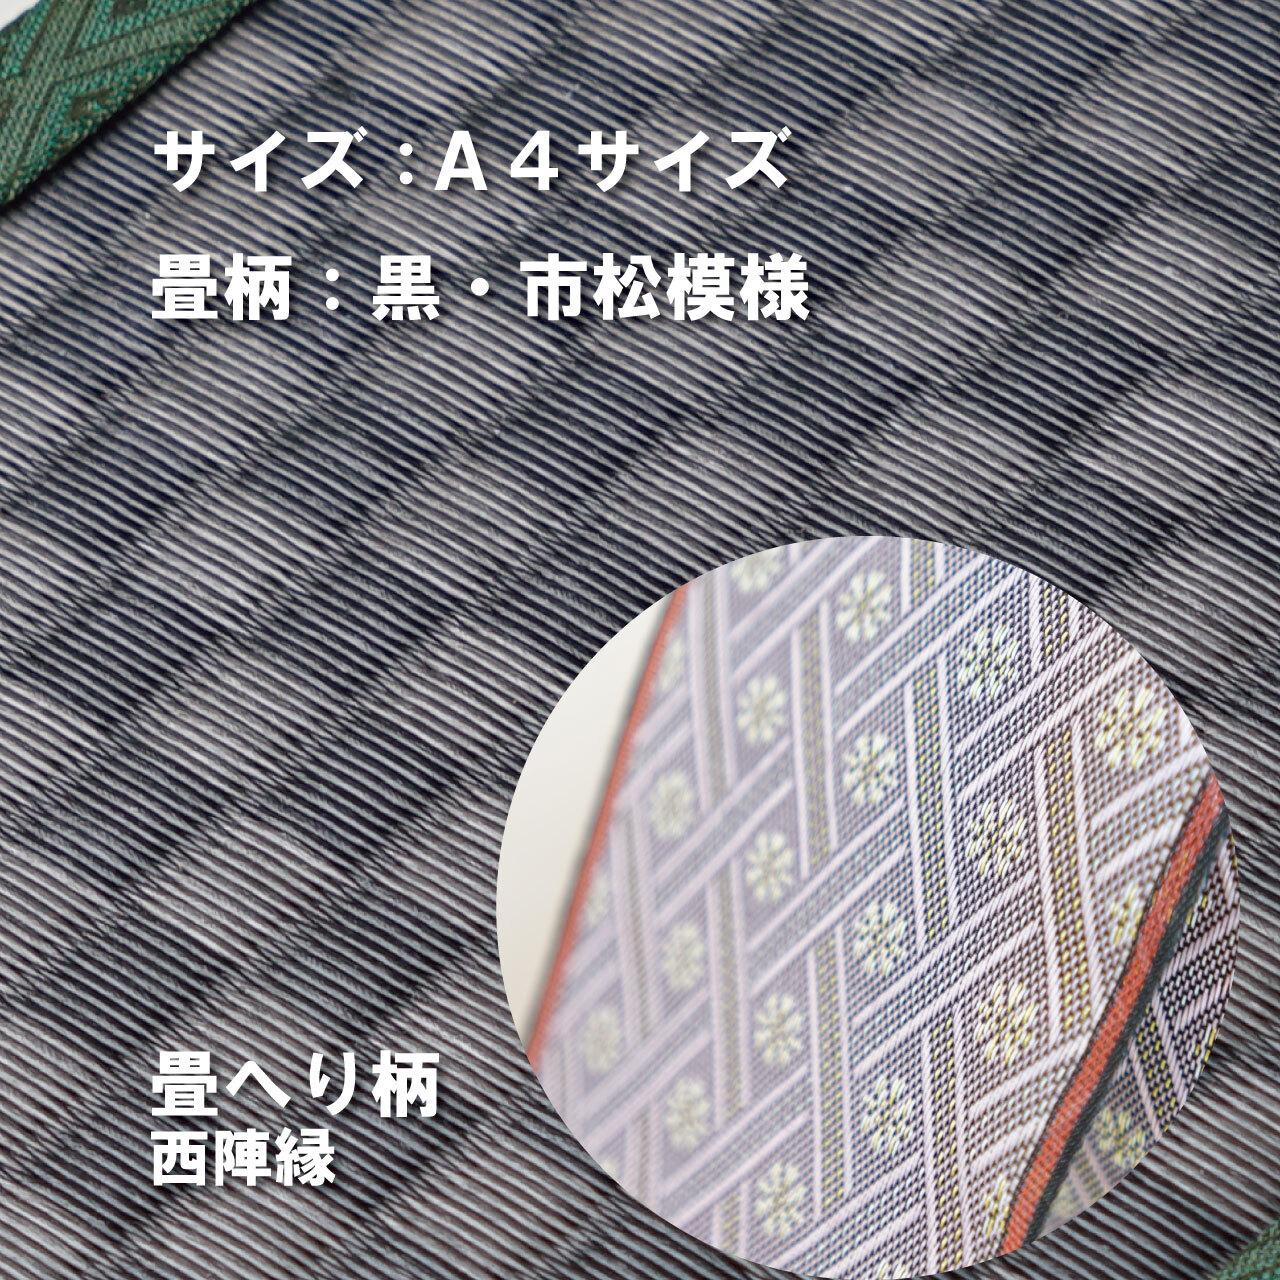 ミニ畳台 フィギア台や小物置きに♪ A4サイズ 畳:黒市松 縁の柄:西陣縁 A4BM002